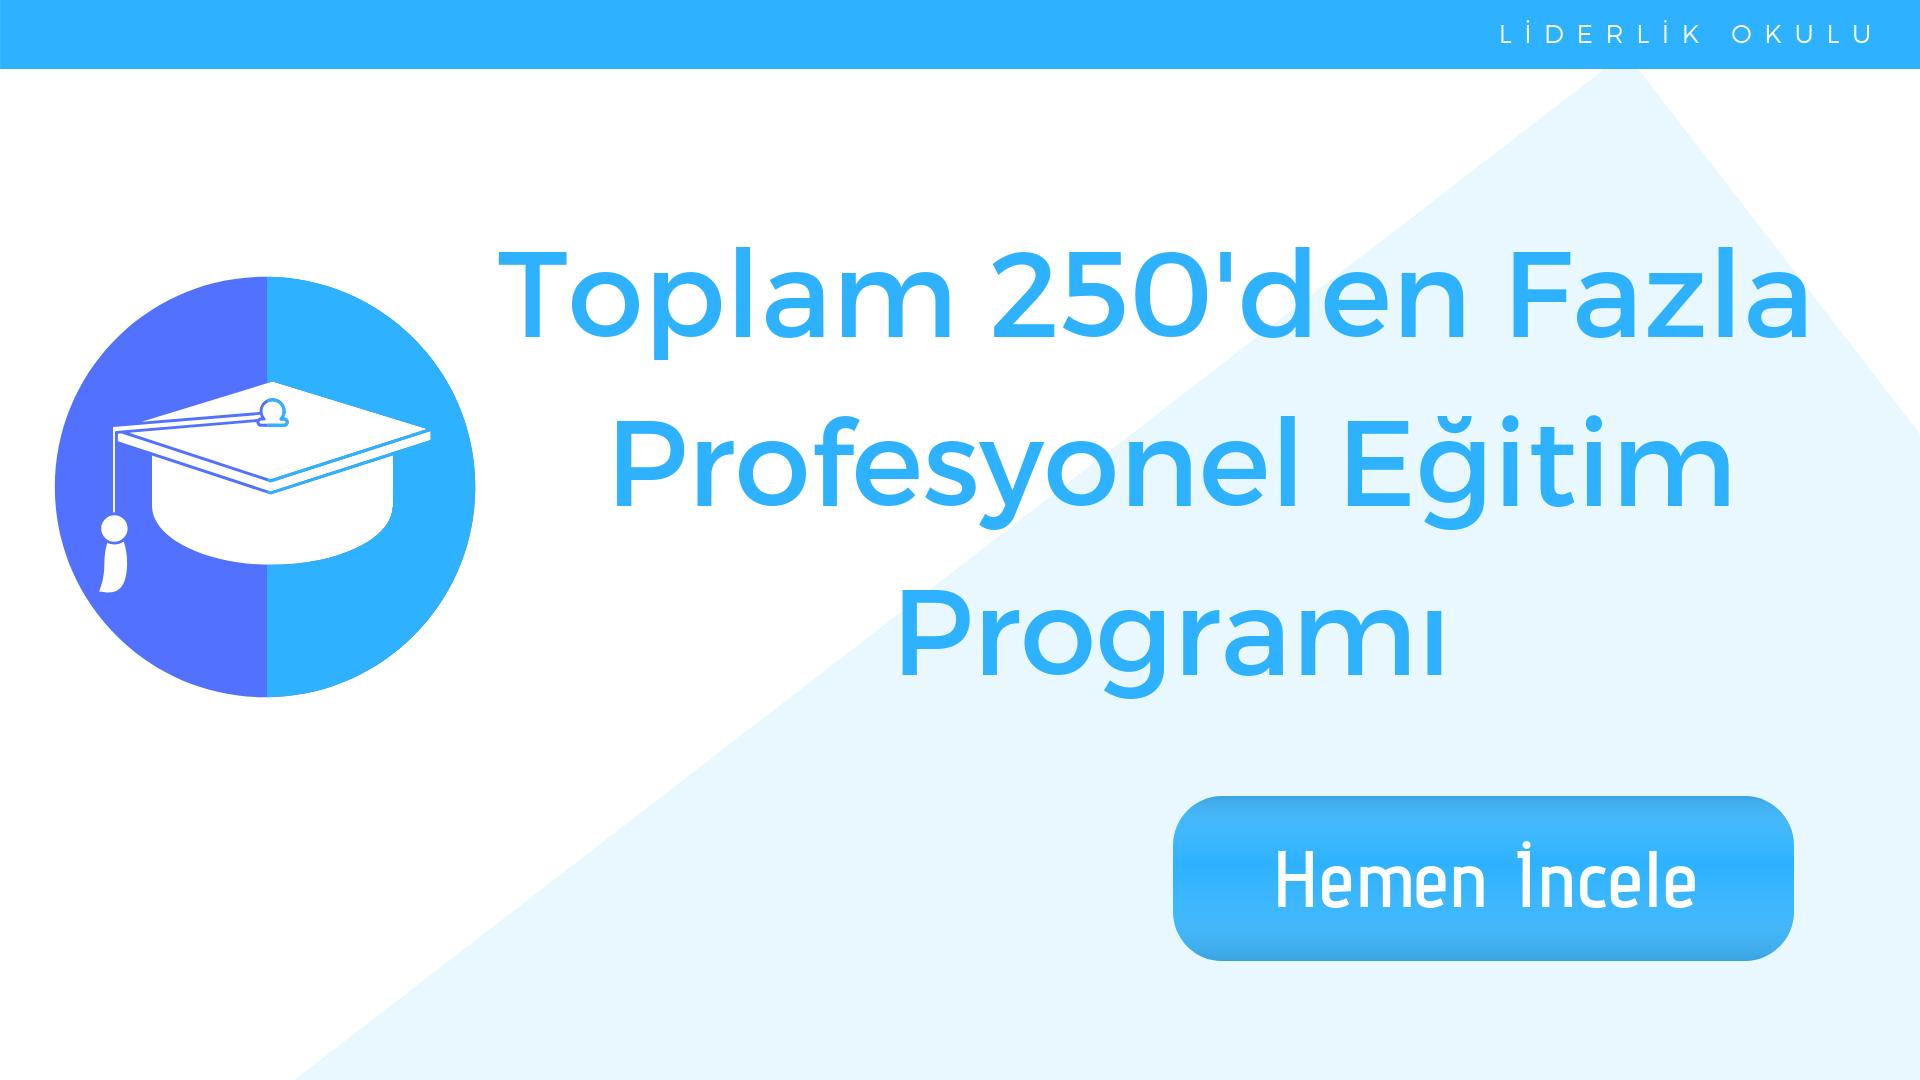 Profesyonel Eğitim Programı